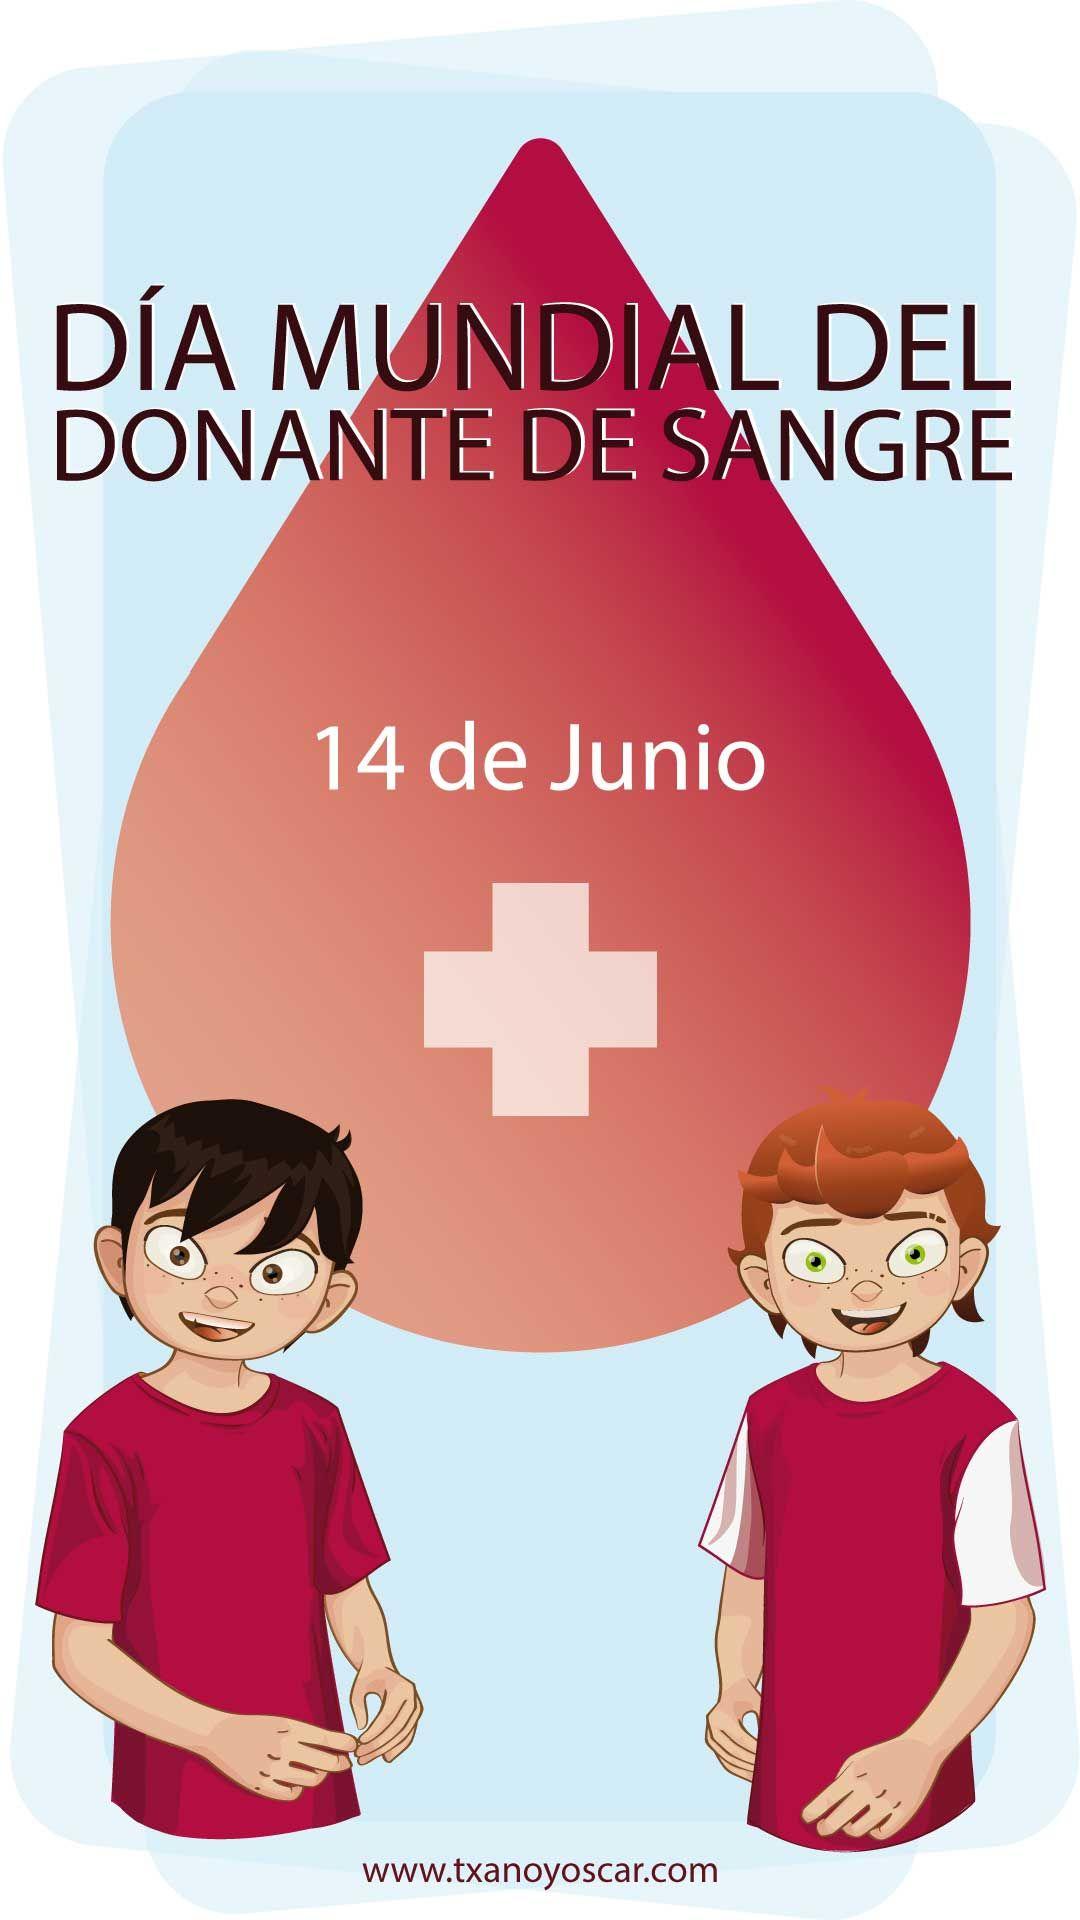 Dia Mundial Del Donante De Sangre Donante De Sangre Libros Infantiles Gratis Donar Sangre